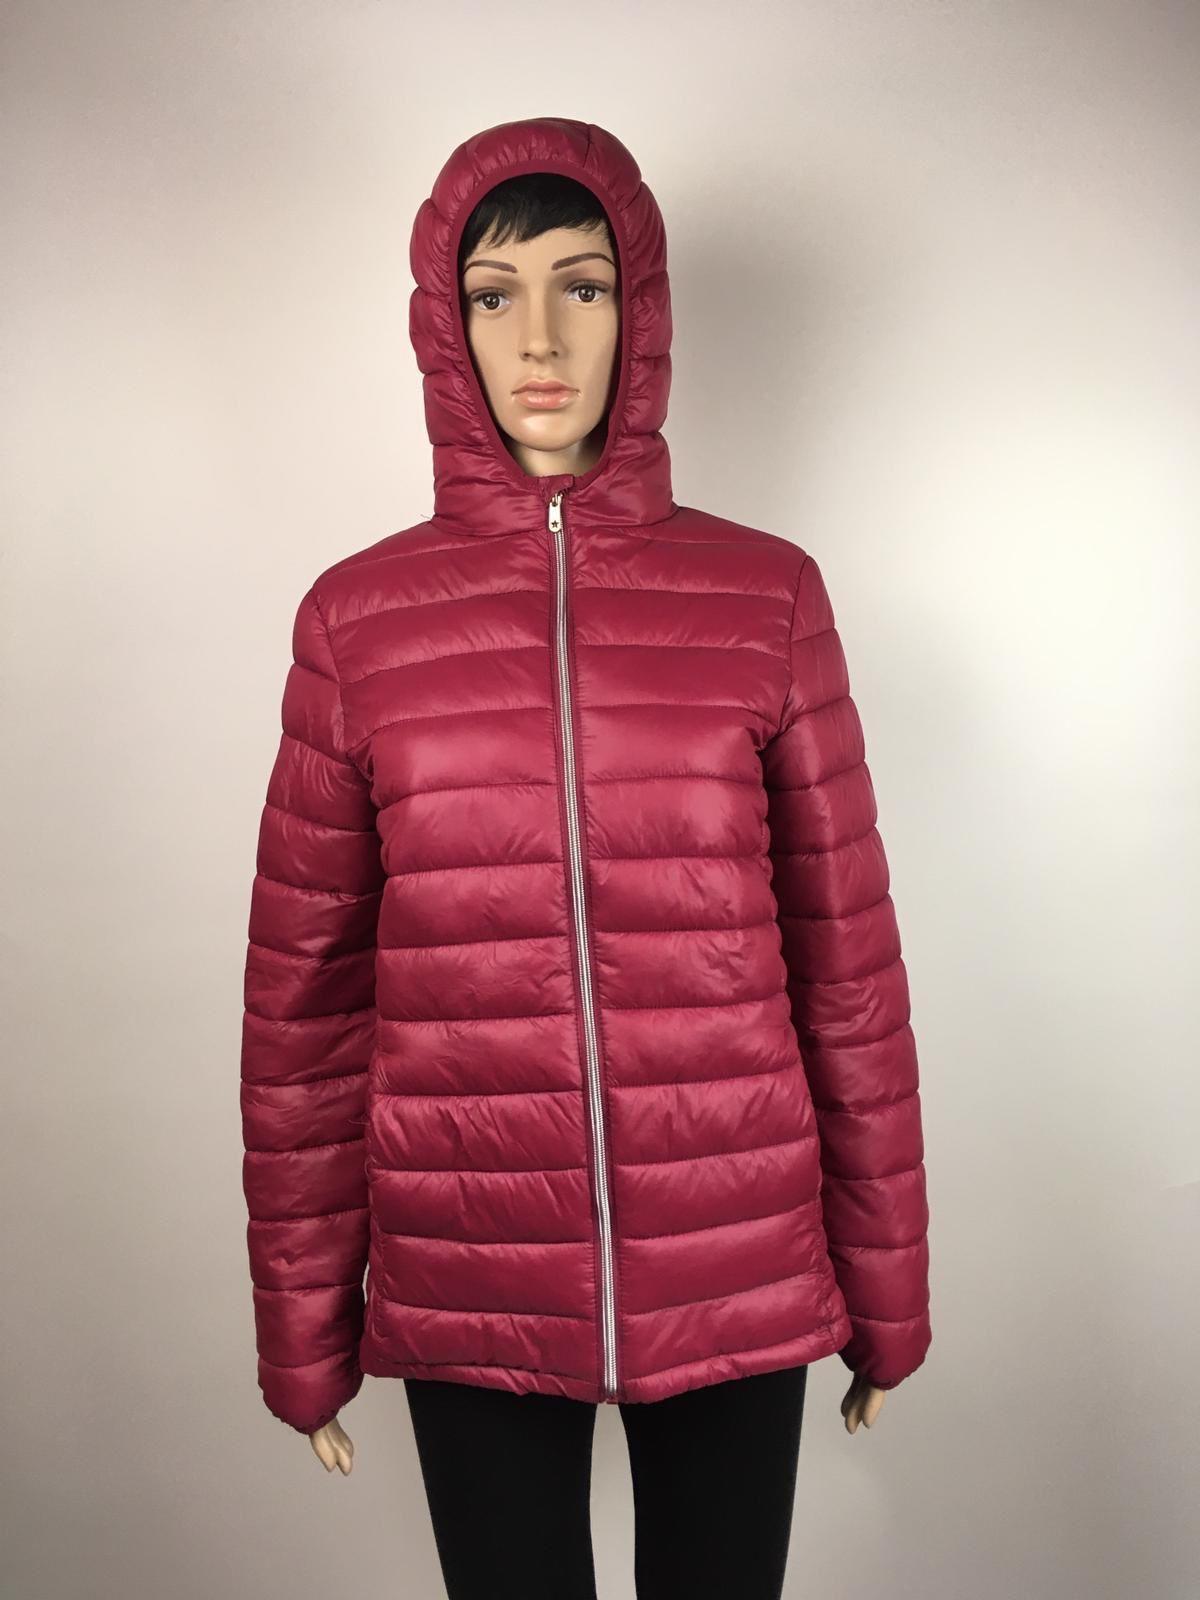 Primark girls lightweight puffer jacket 14-15